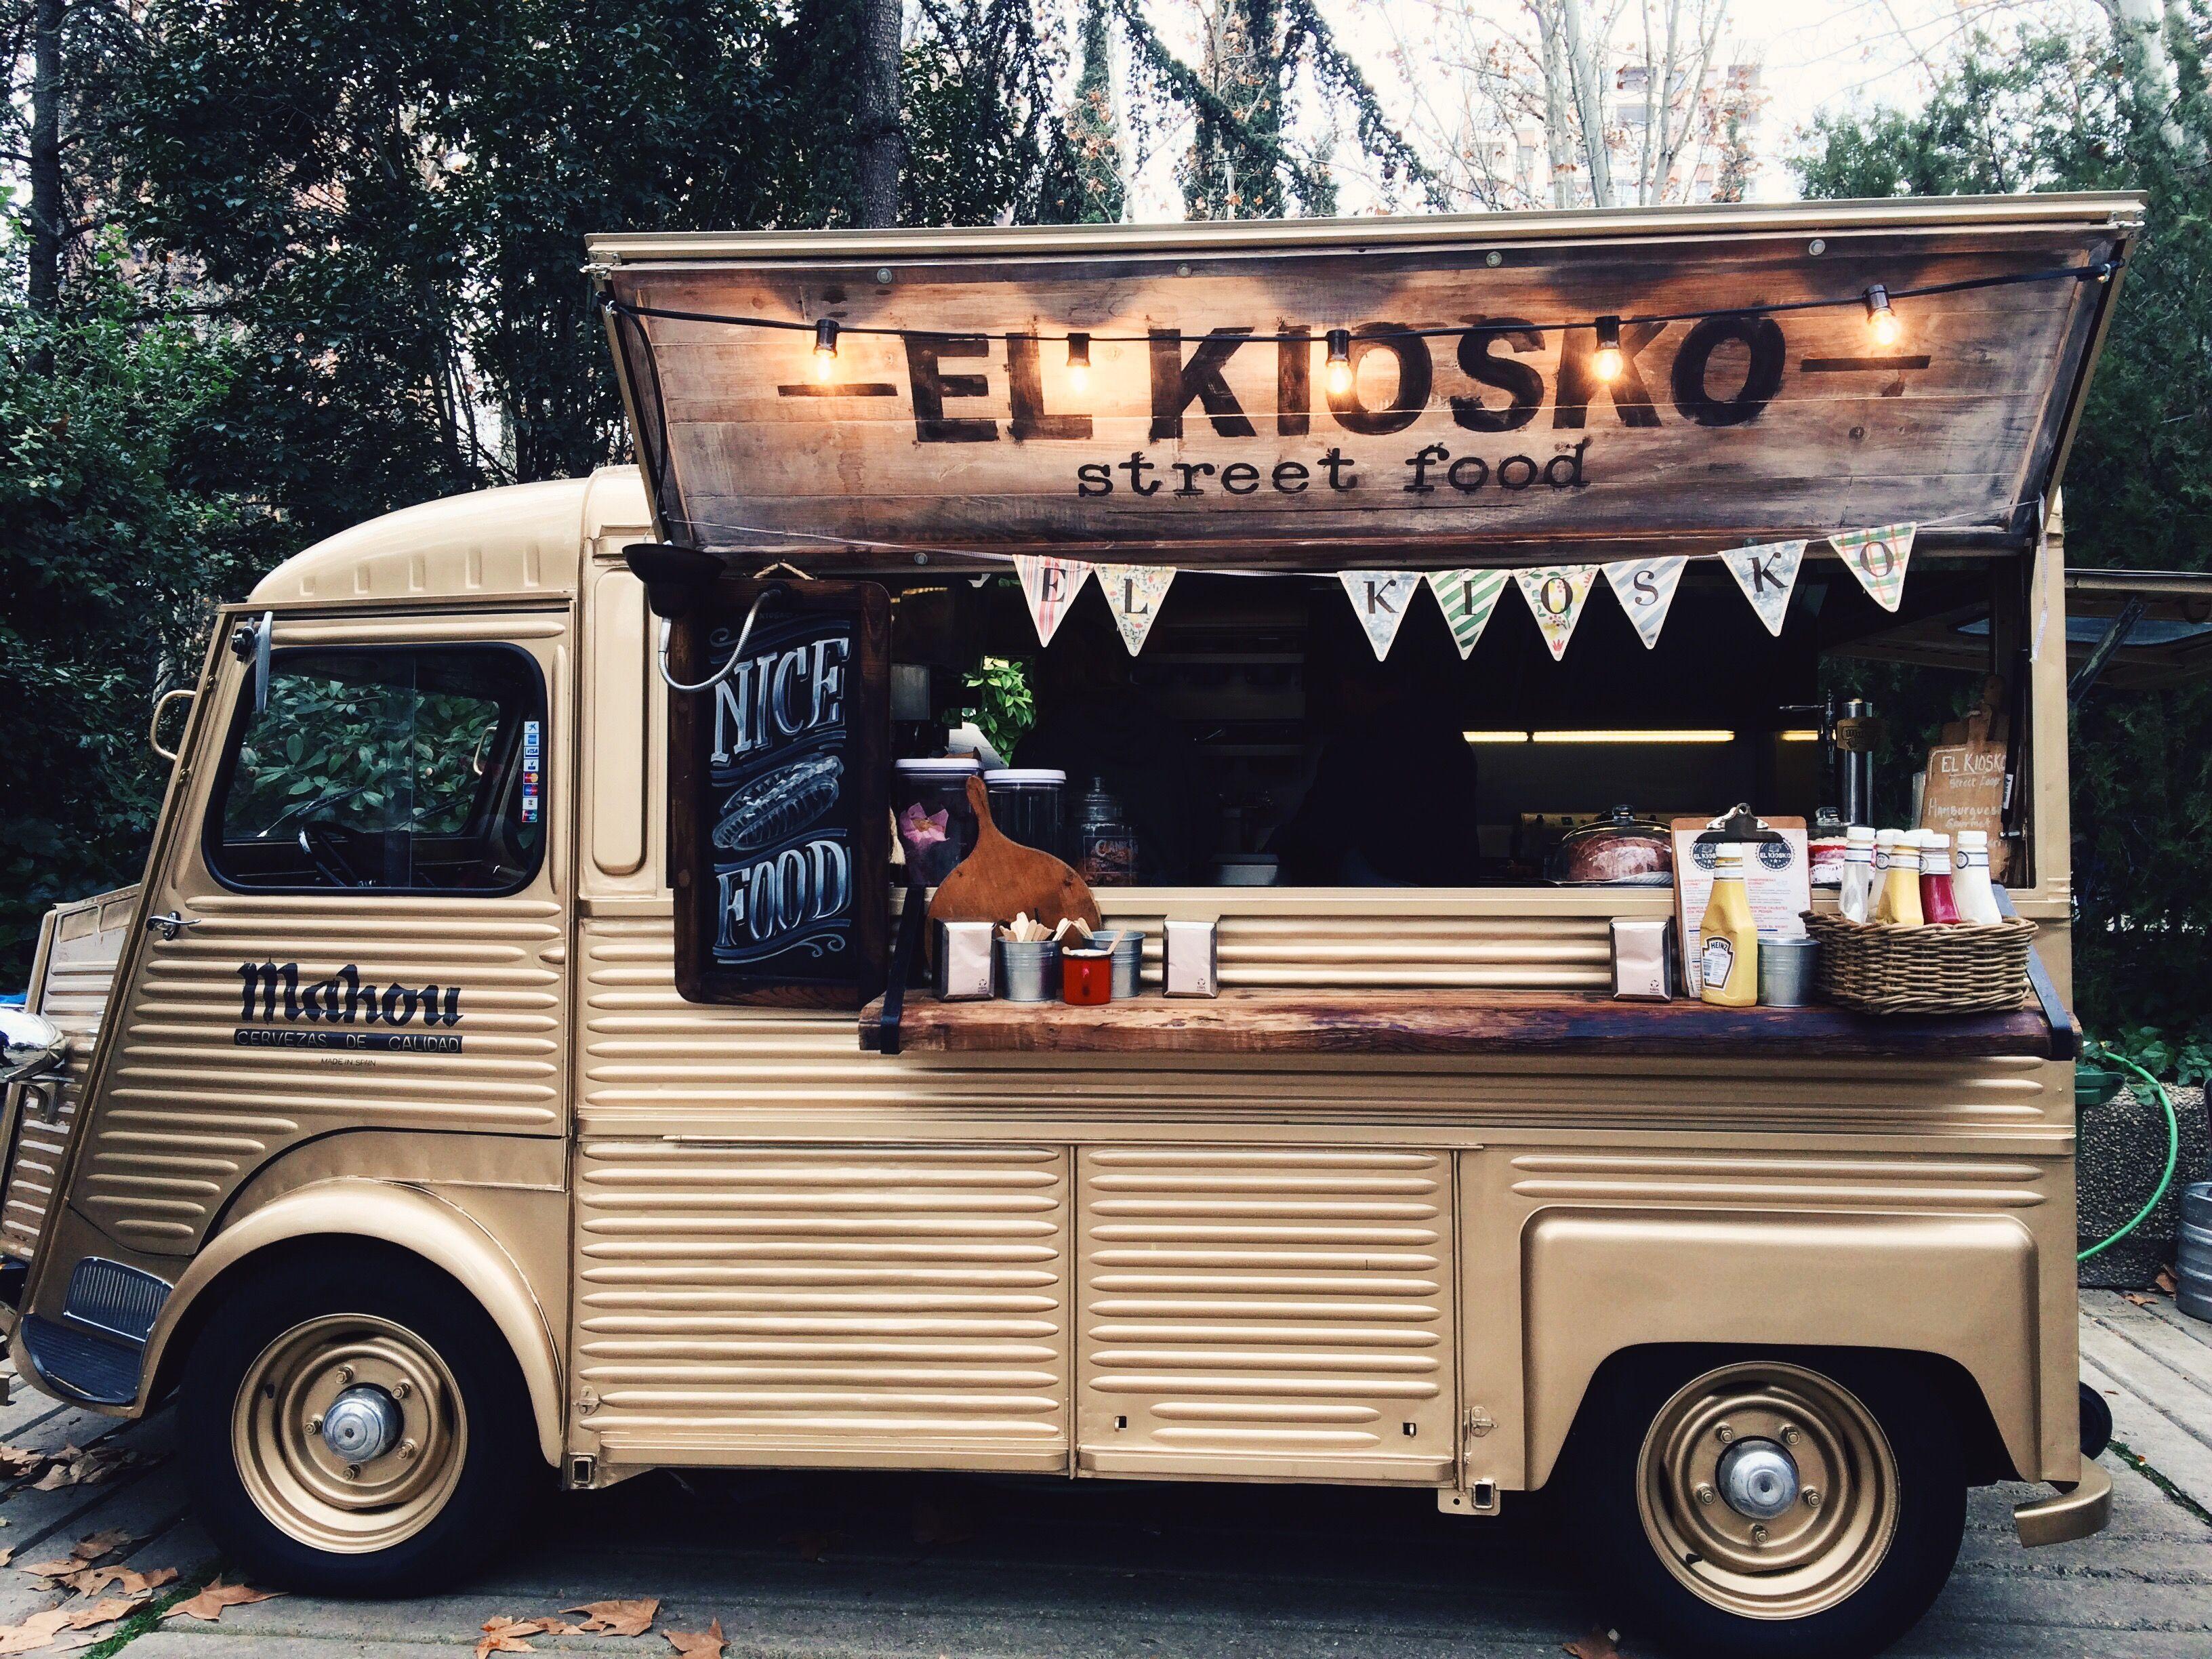 El kiosko buenos aires food truck coffee food truck